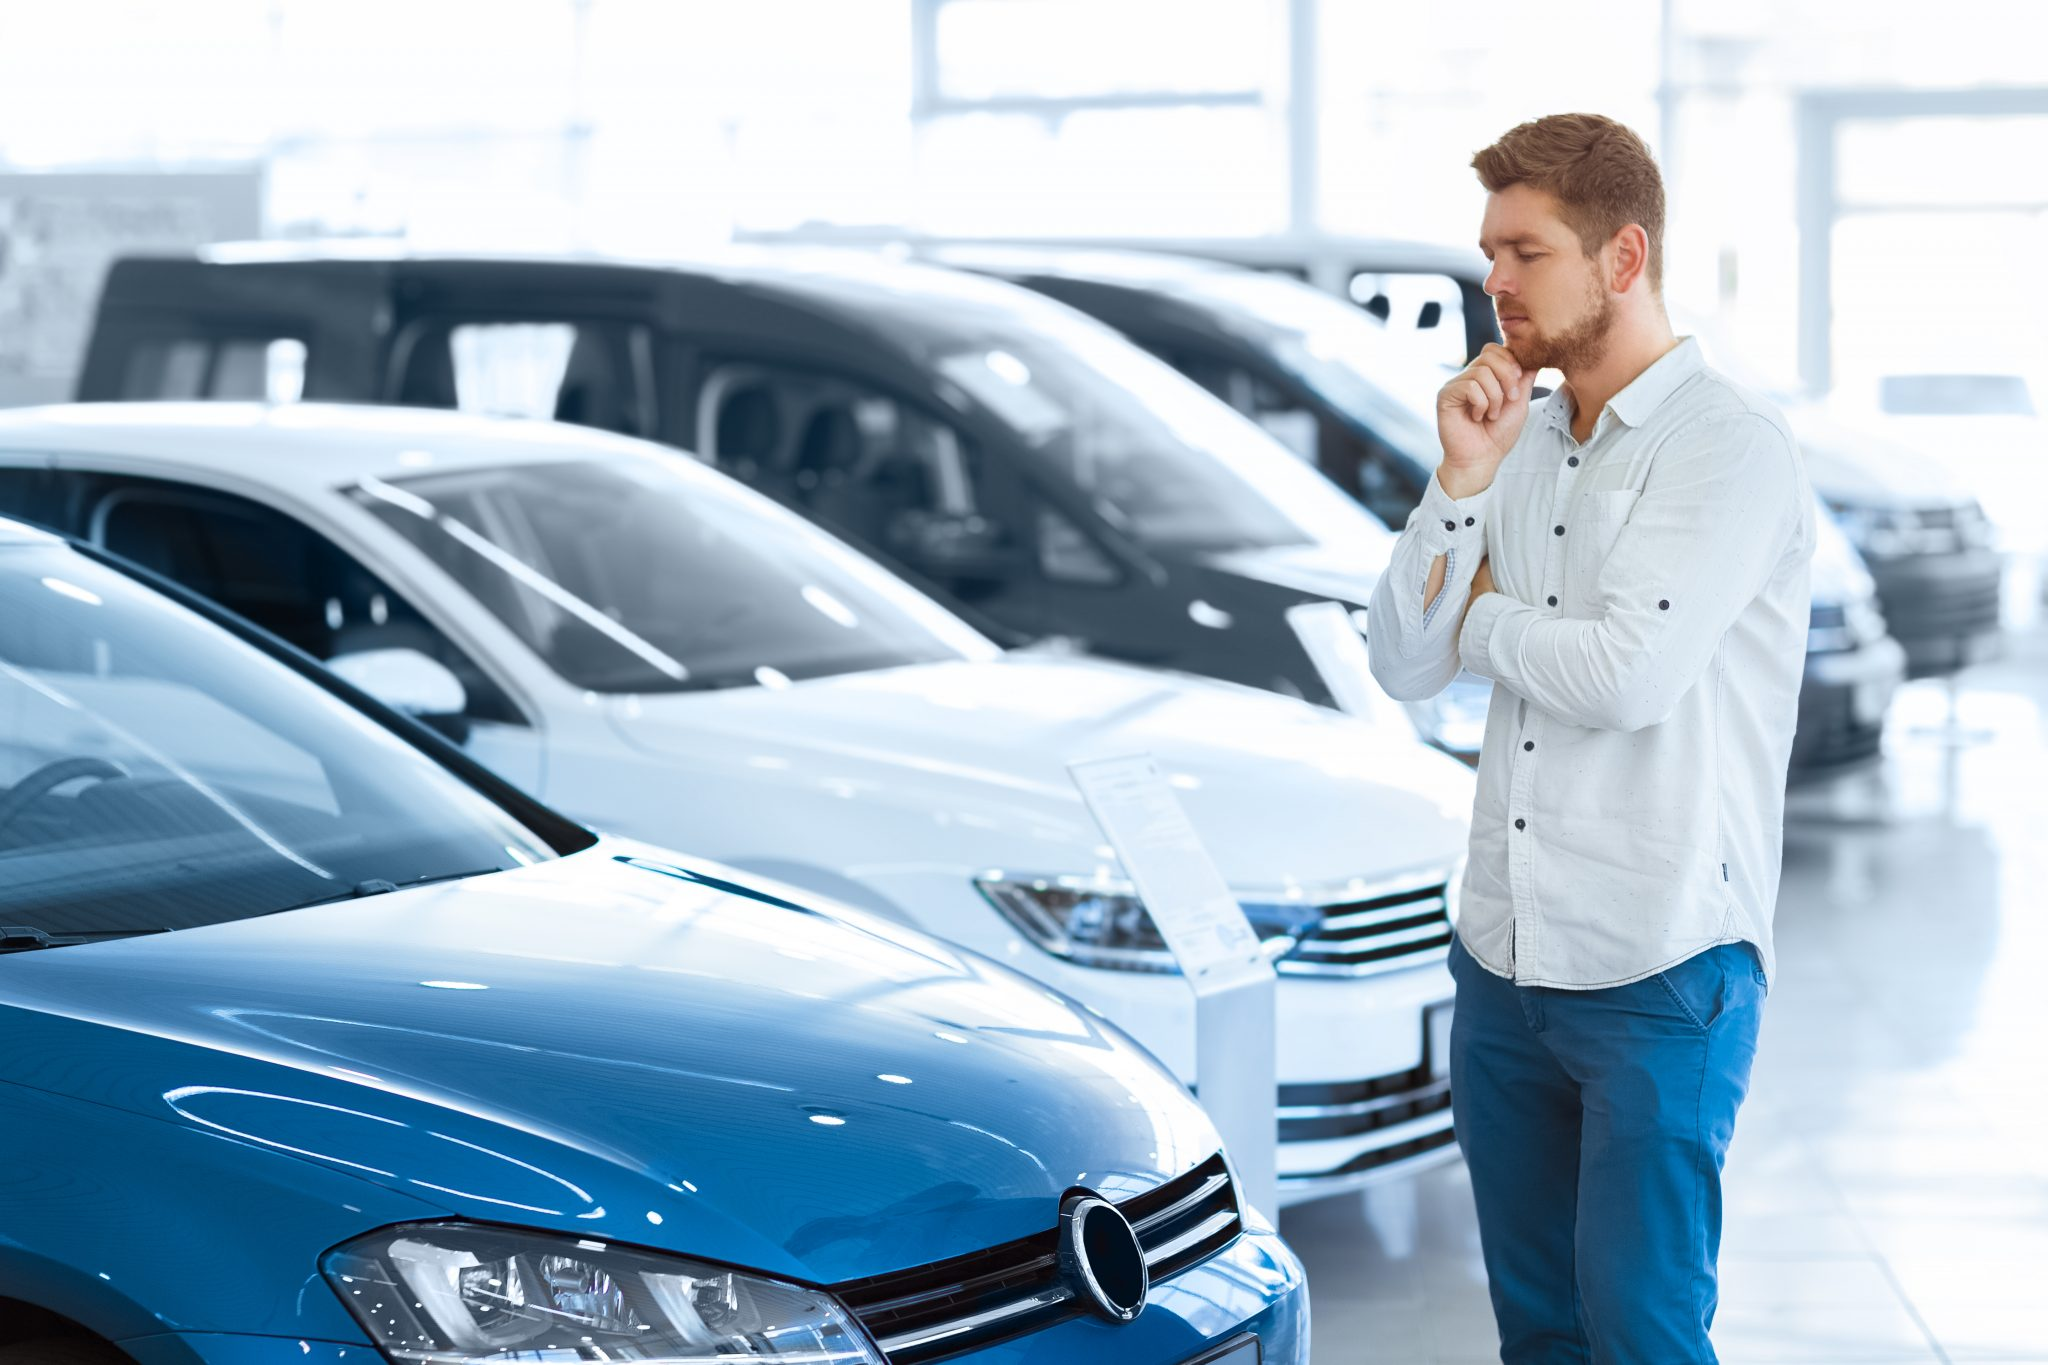 С 1 мая 2021 года россияне будут покупать автомобили онлайн